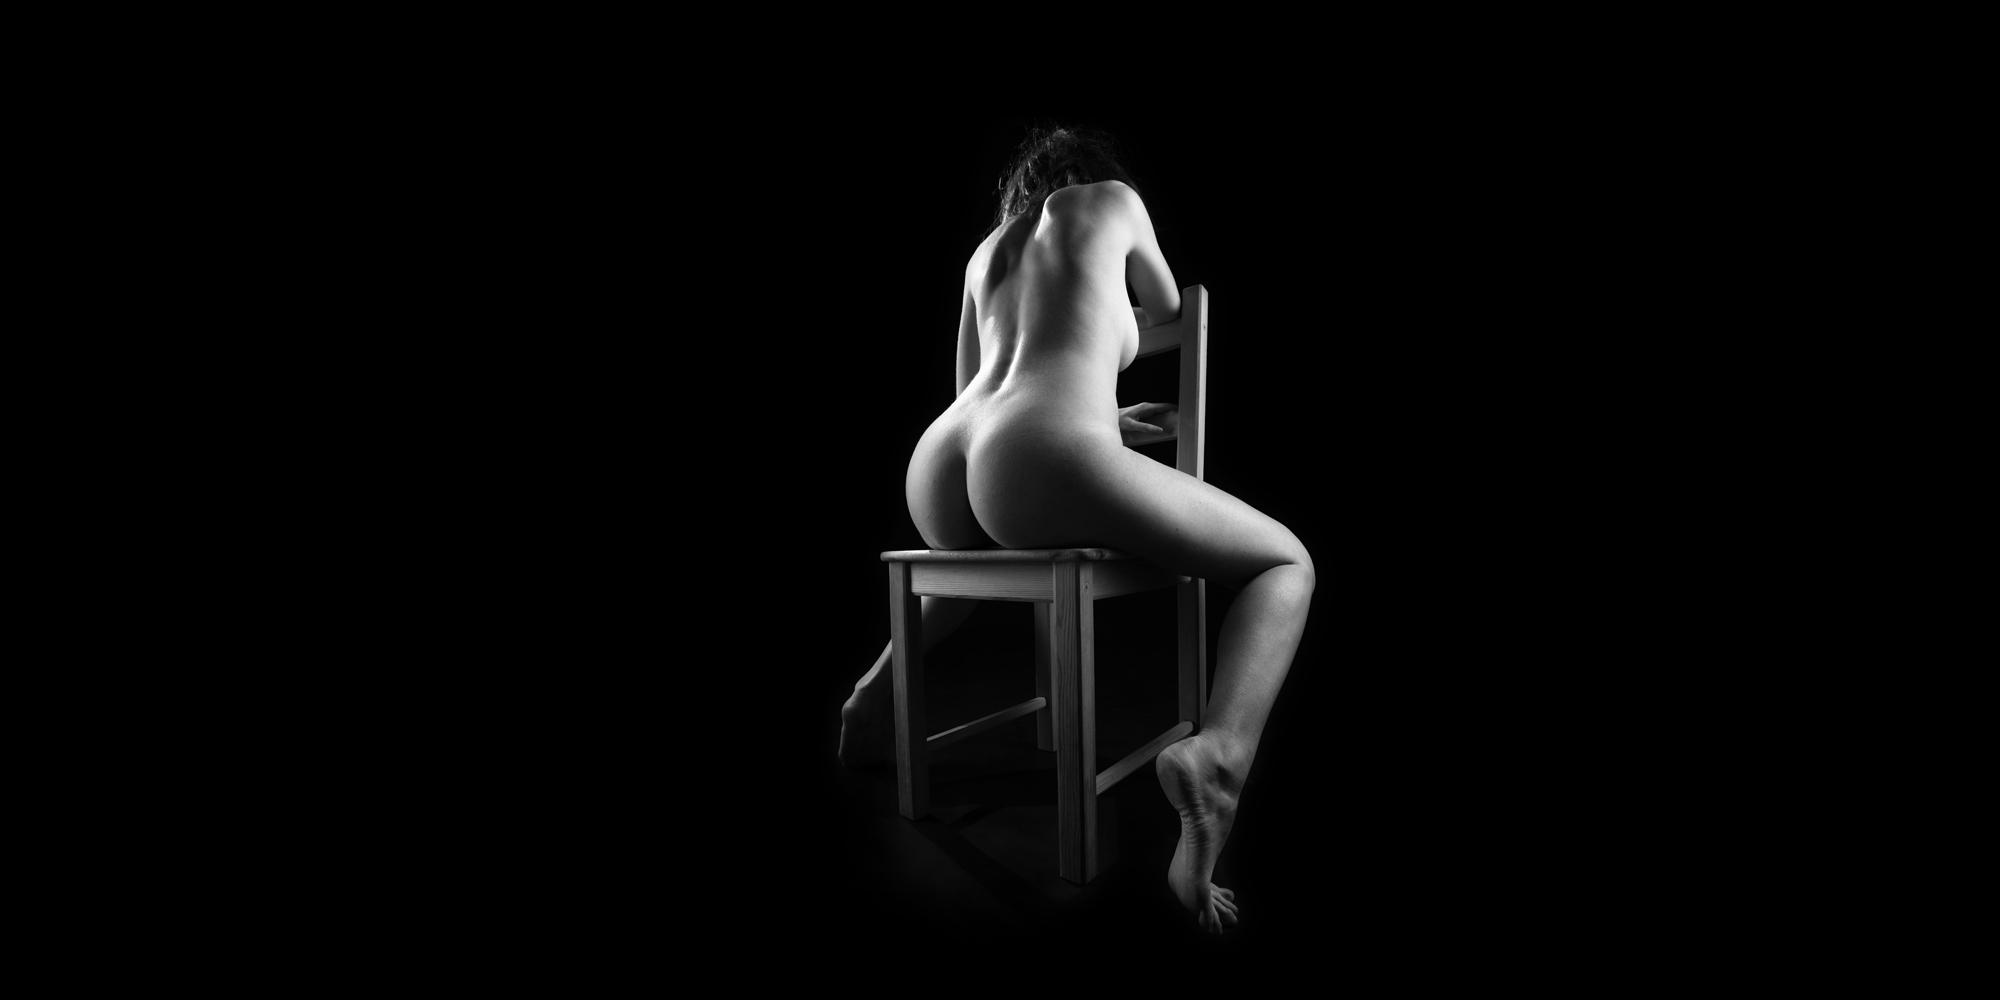 Rückansicht einer nackten Frau in schwarz-weiß, die mit gespreizten Beinen auf einem Stuhl sitzt, sie posiert für ästhetische Aktfotografie.